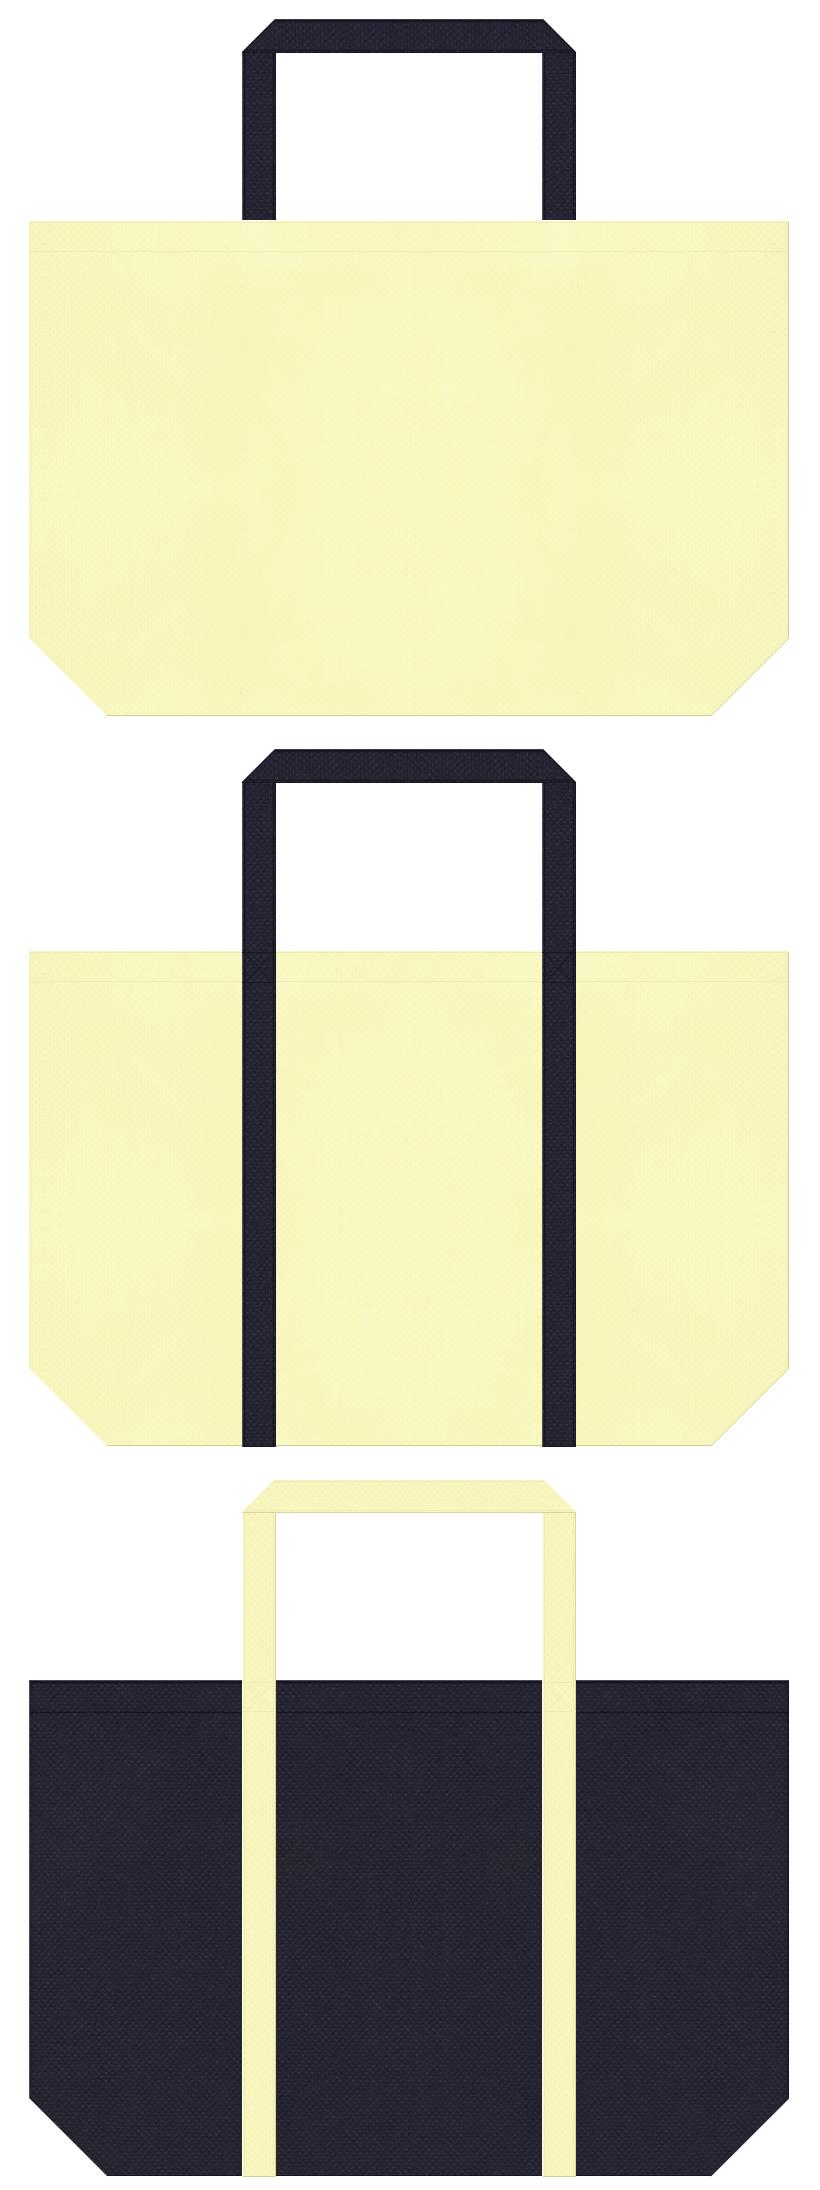 薄黄色と濃紺色の不織布マイバッグデザイン。オープンキャンパスのバッグにお奨めです。